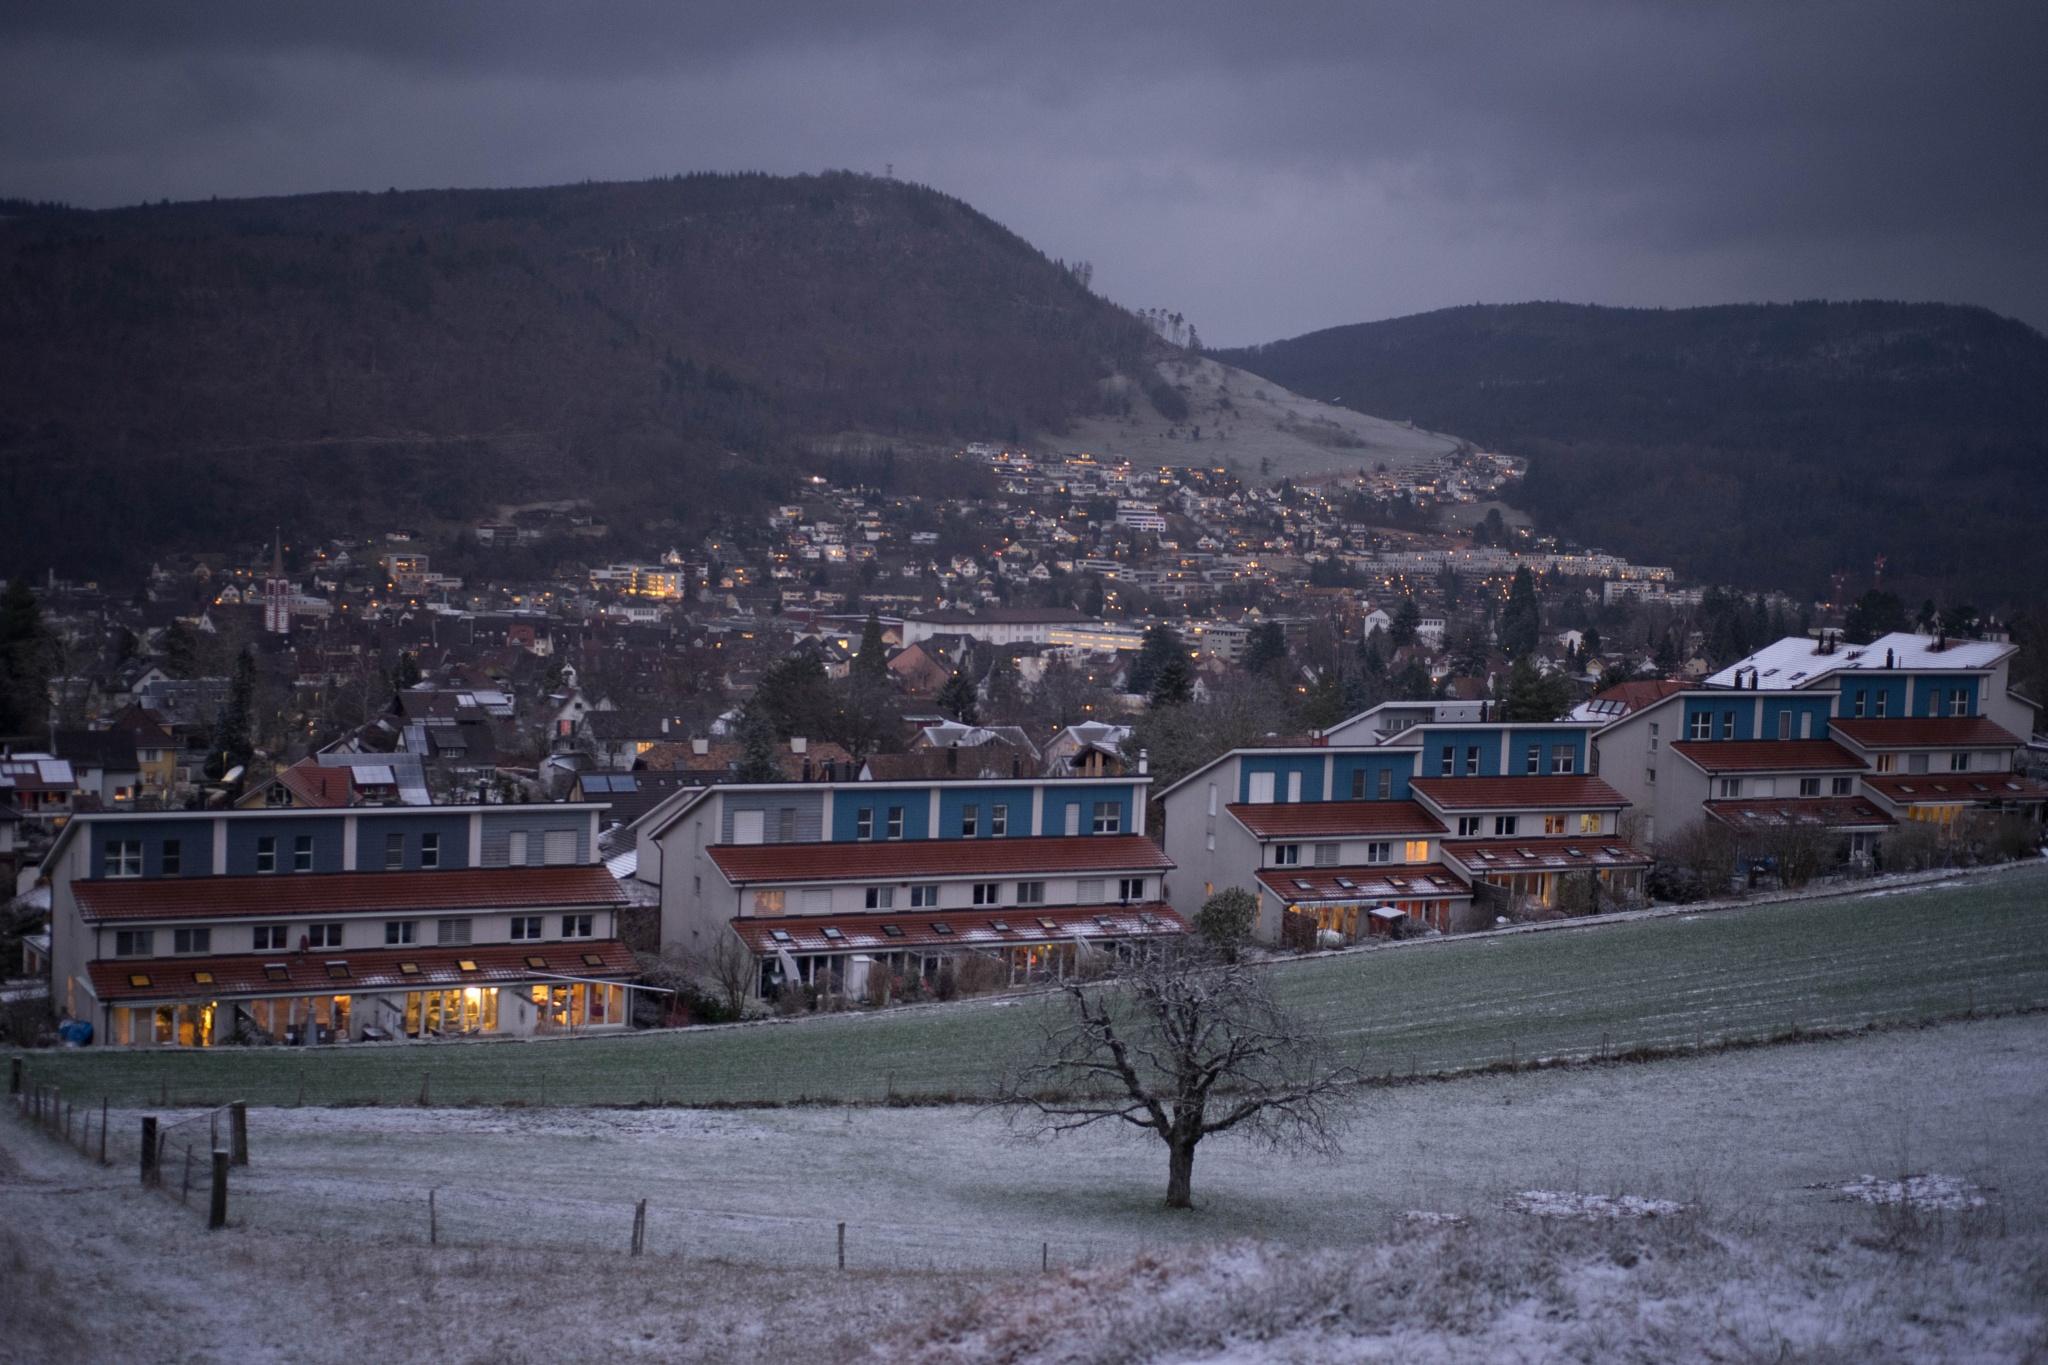 Winterabend by Hansjuerg Buehler